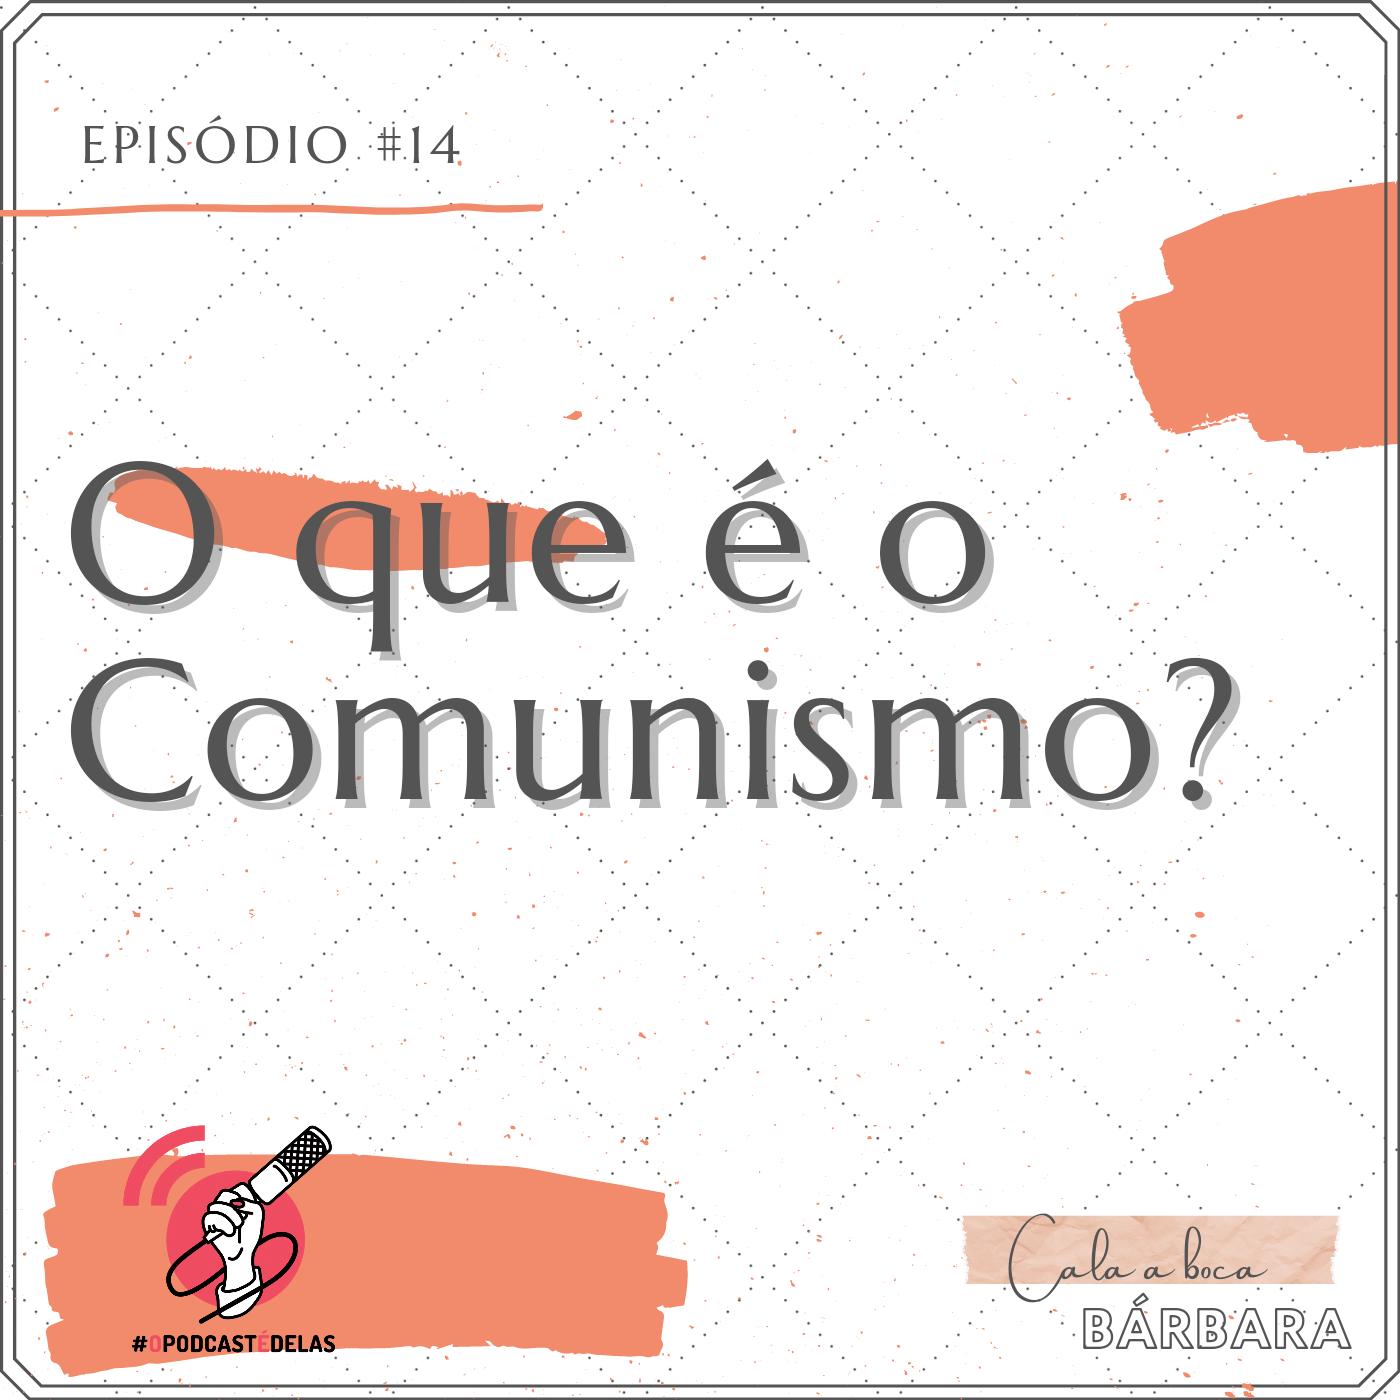 """Vitrine do episódio. Um fundo branco, com o texto no topo à esquerda: Episódio #14. Logo abaixo e letras grandes: """"O que é o Comunismo?"""". No canto inferior esquerdo, o símbolo do OPodcastÉDelas (um símbolo de feed vermelho com uma mão segurando um microfone). No canto inferior direito, o logo do podcast onde se lê """"Cala a Boca, Barbara"""""""